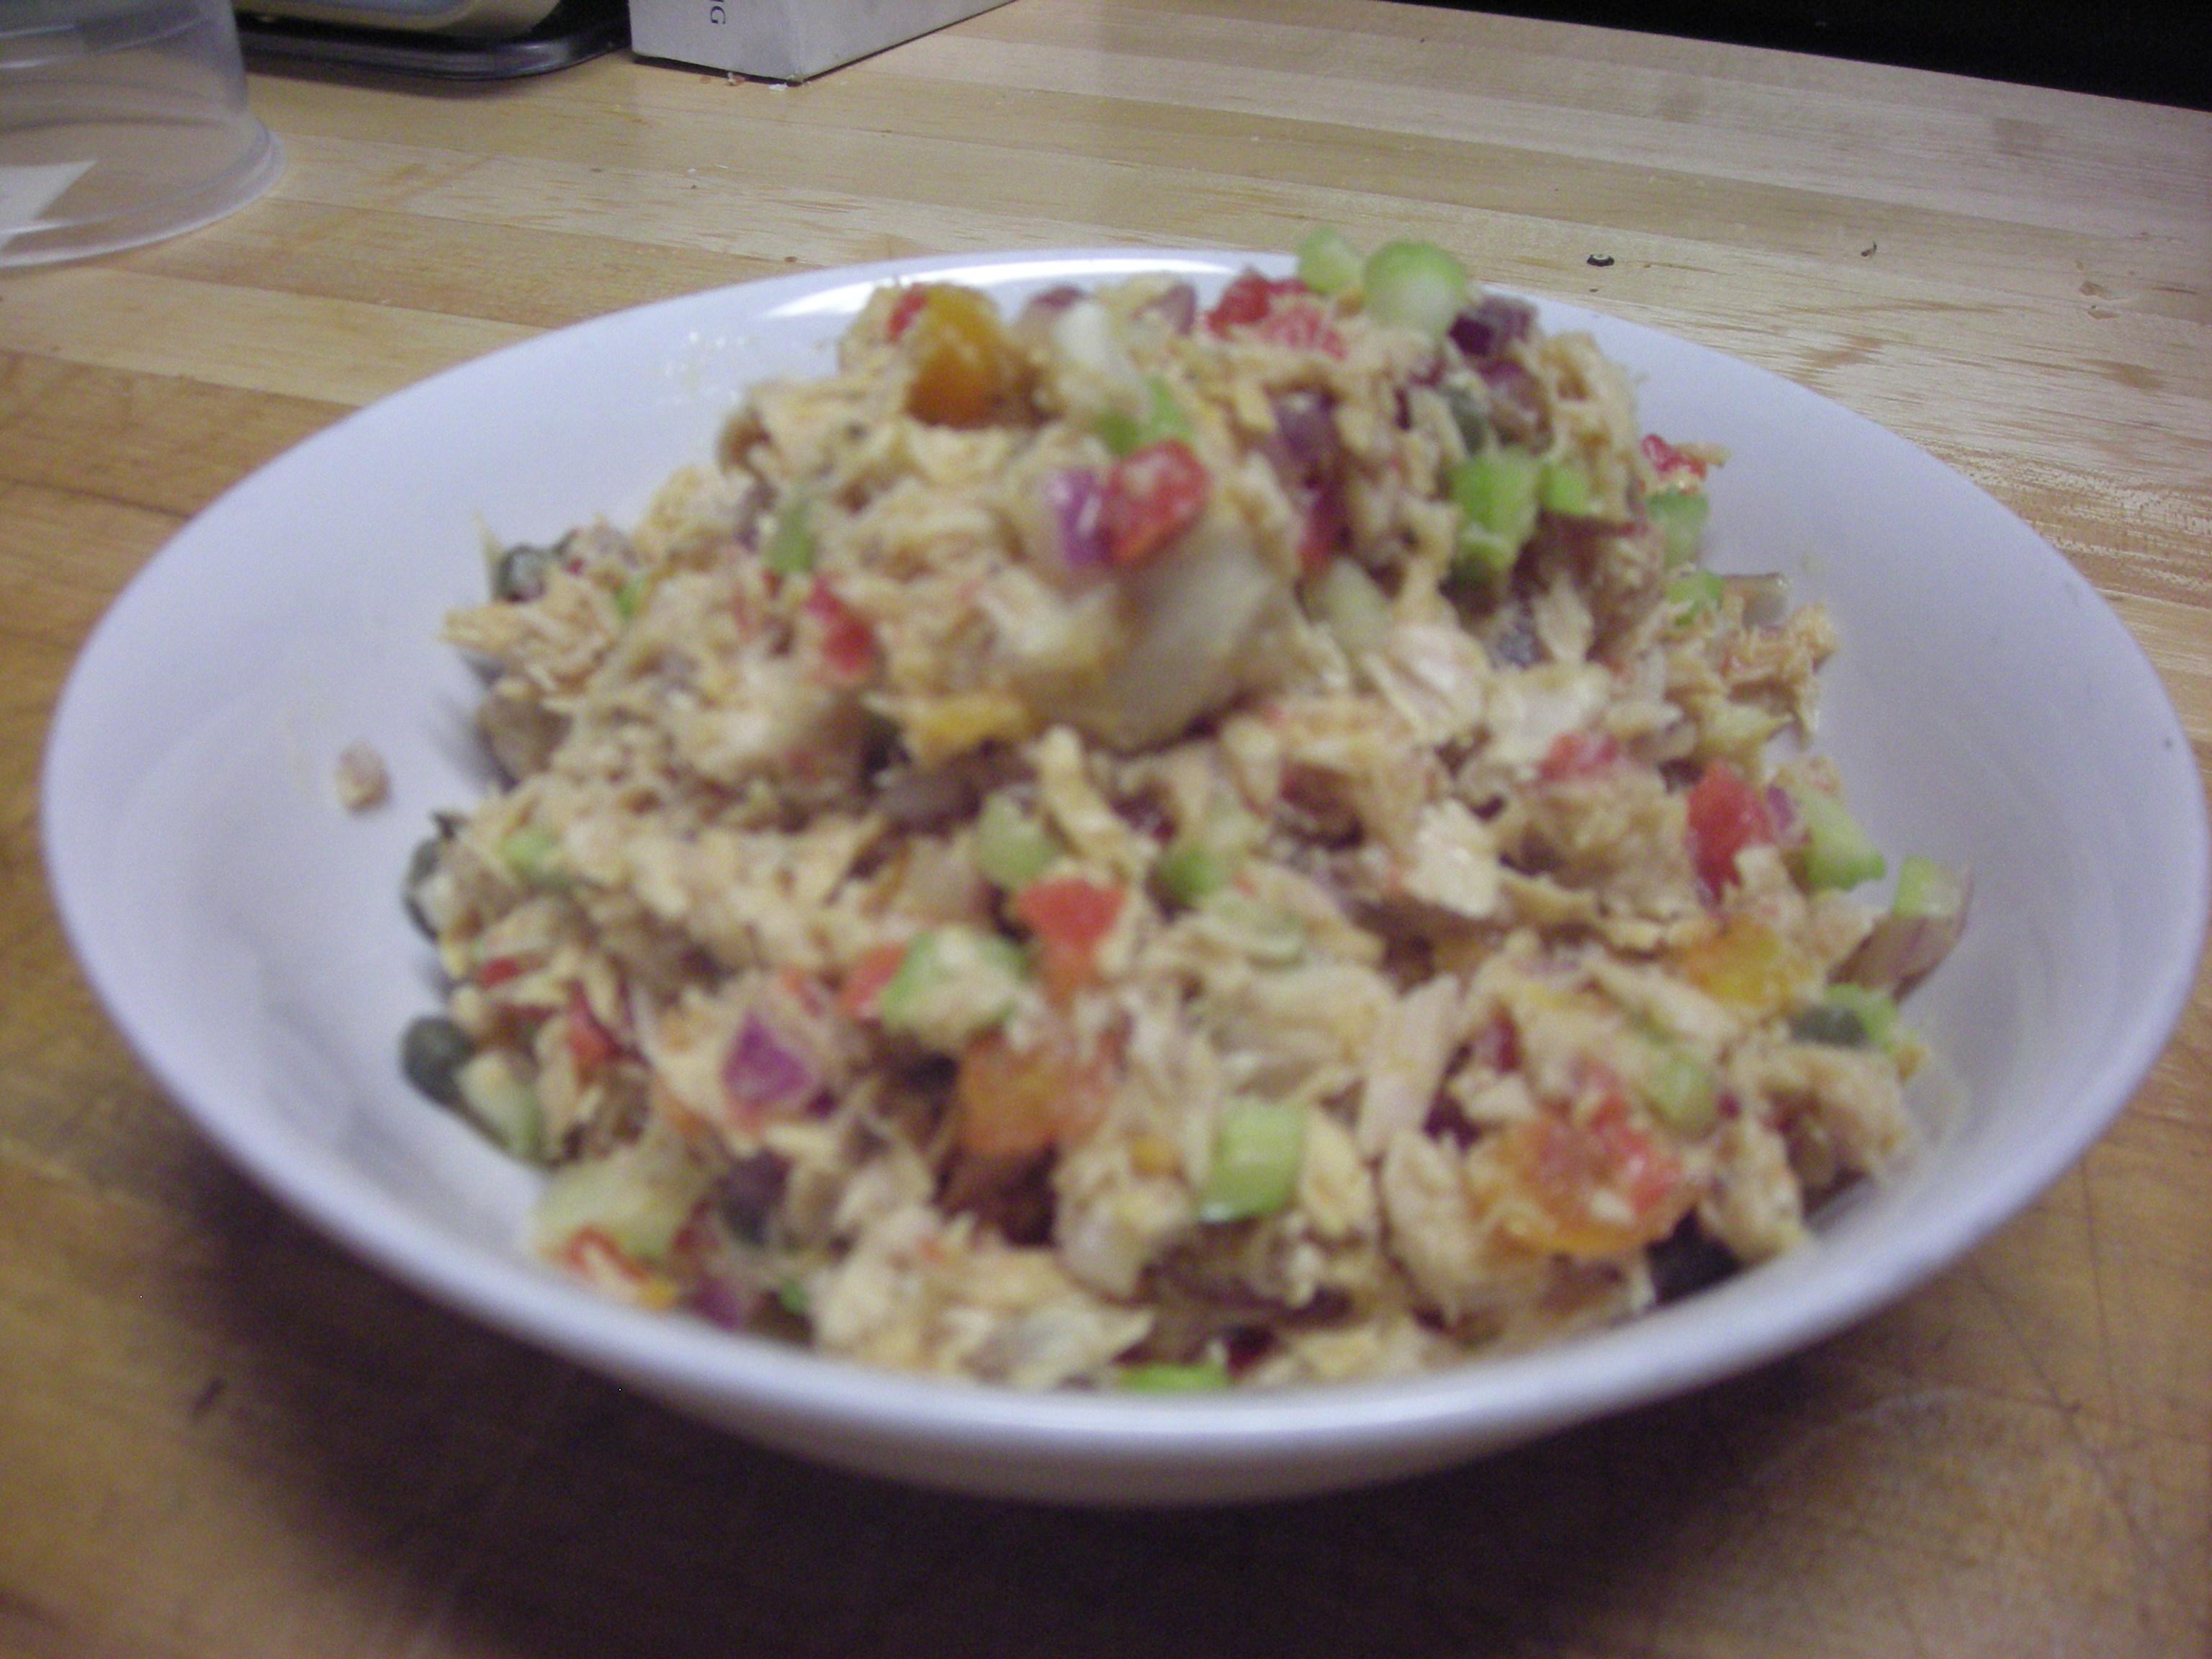 Mayo-less Tuna Salad « Cornerstone Clubs Health & Fitness ...